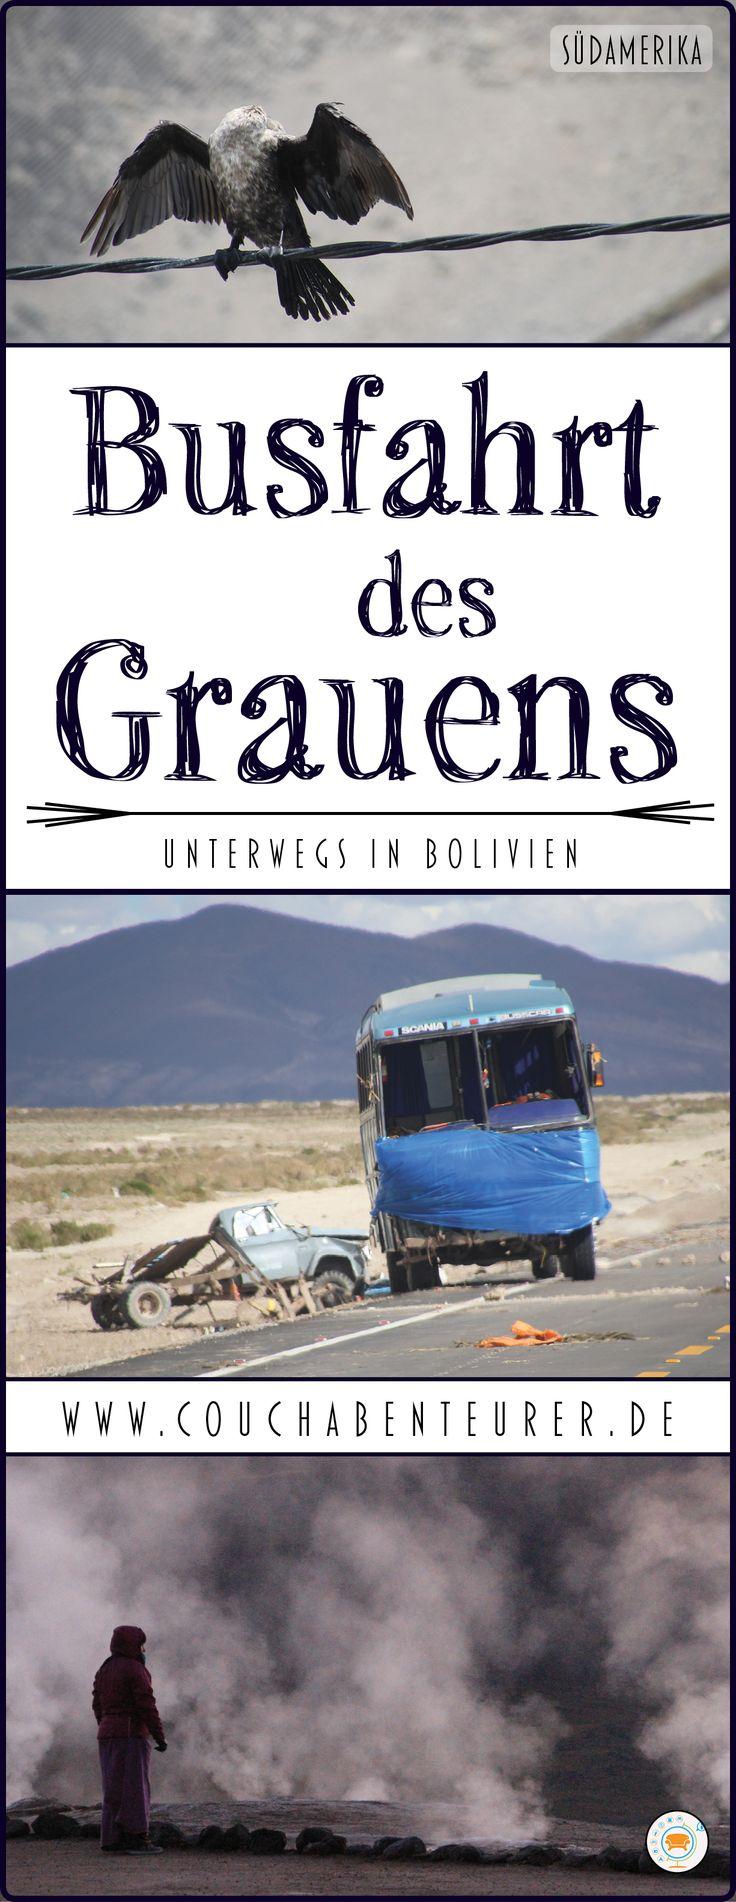 """Busfahren in fremden Ländern ist so eine Sache, es kann eine Luxusreise sein, aber auch ein wahrer Alptraum. Meinen persönlichen hatte ich in Bolivien. Meine, für dich, heitere Geschichte zu """"Busfahrt des Grauens"""" kannst du hier nachlesen."""